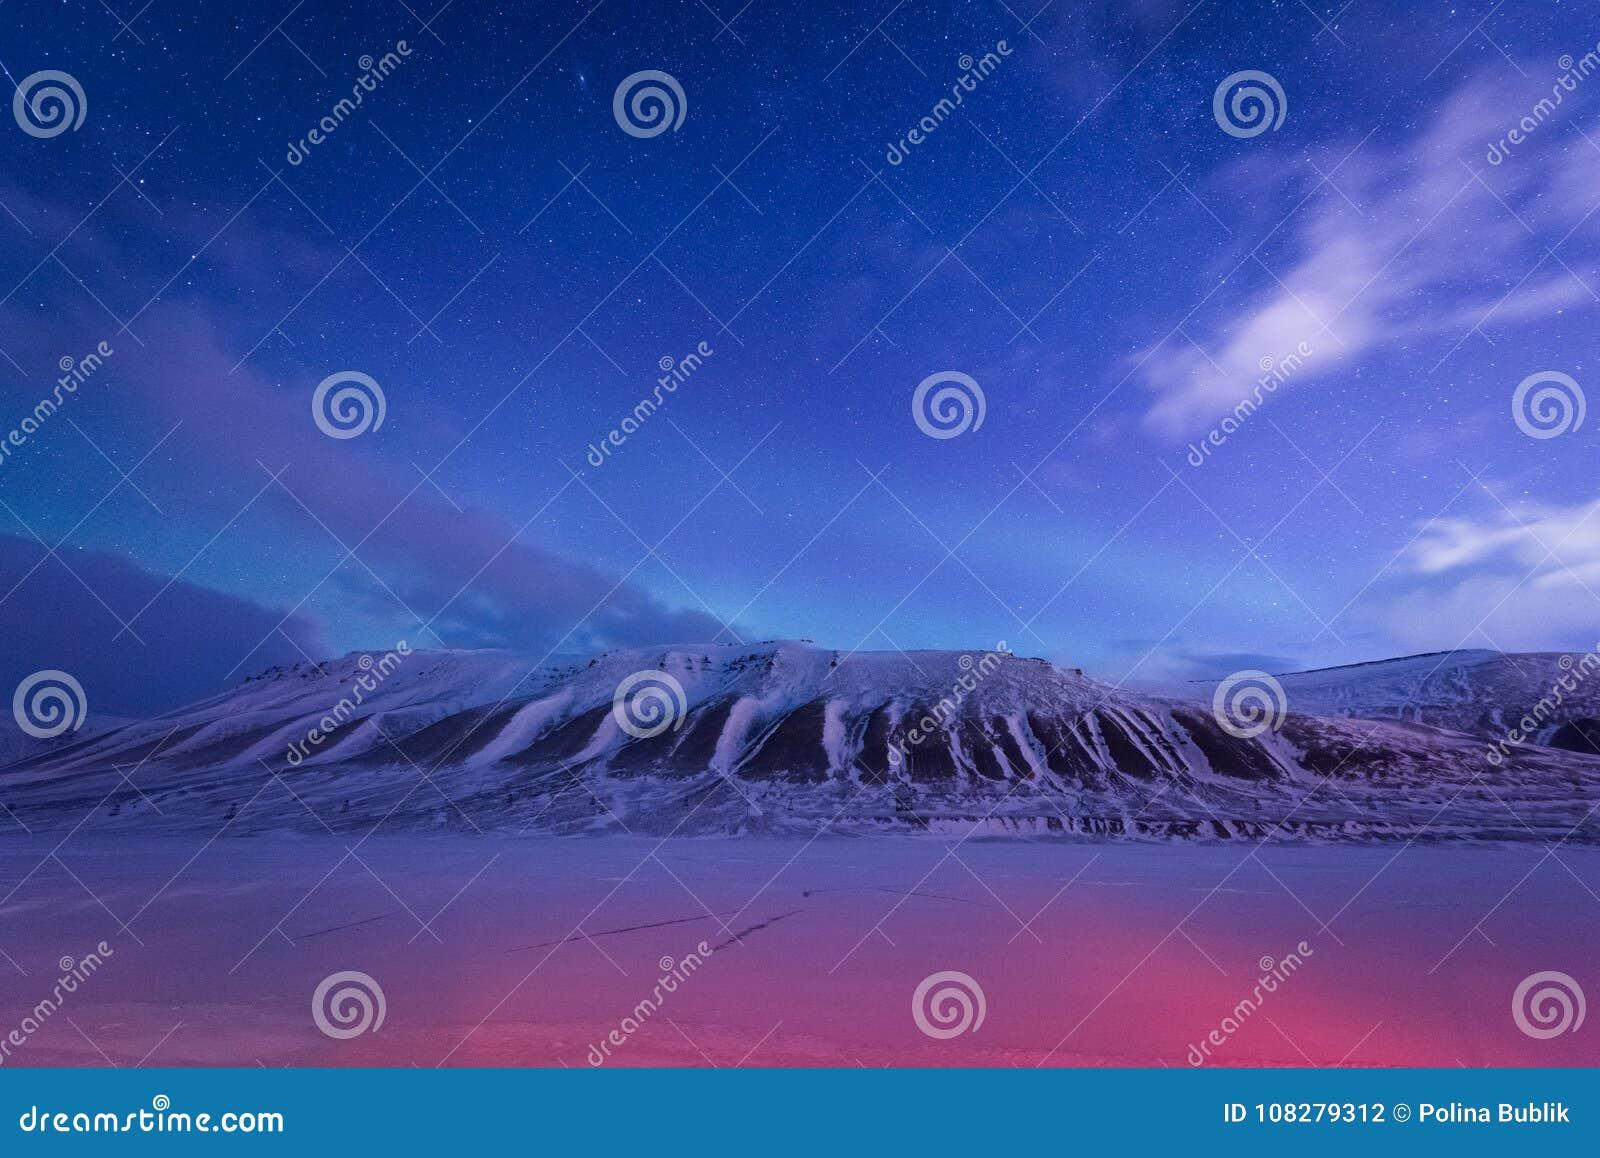 Wallpaper la nature de paysage de la Norvège des montagnes de la ville de neige de bâtiment du Spitzberg Longyearbyen le Svalbard